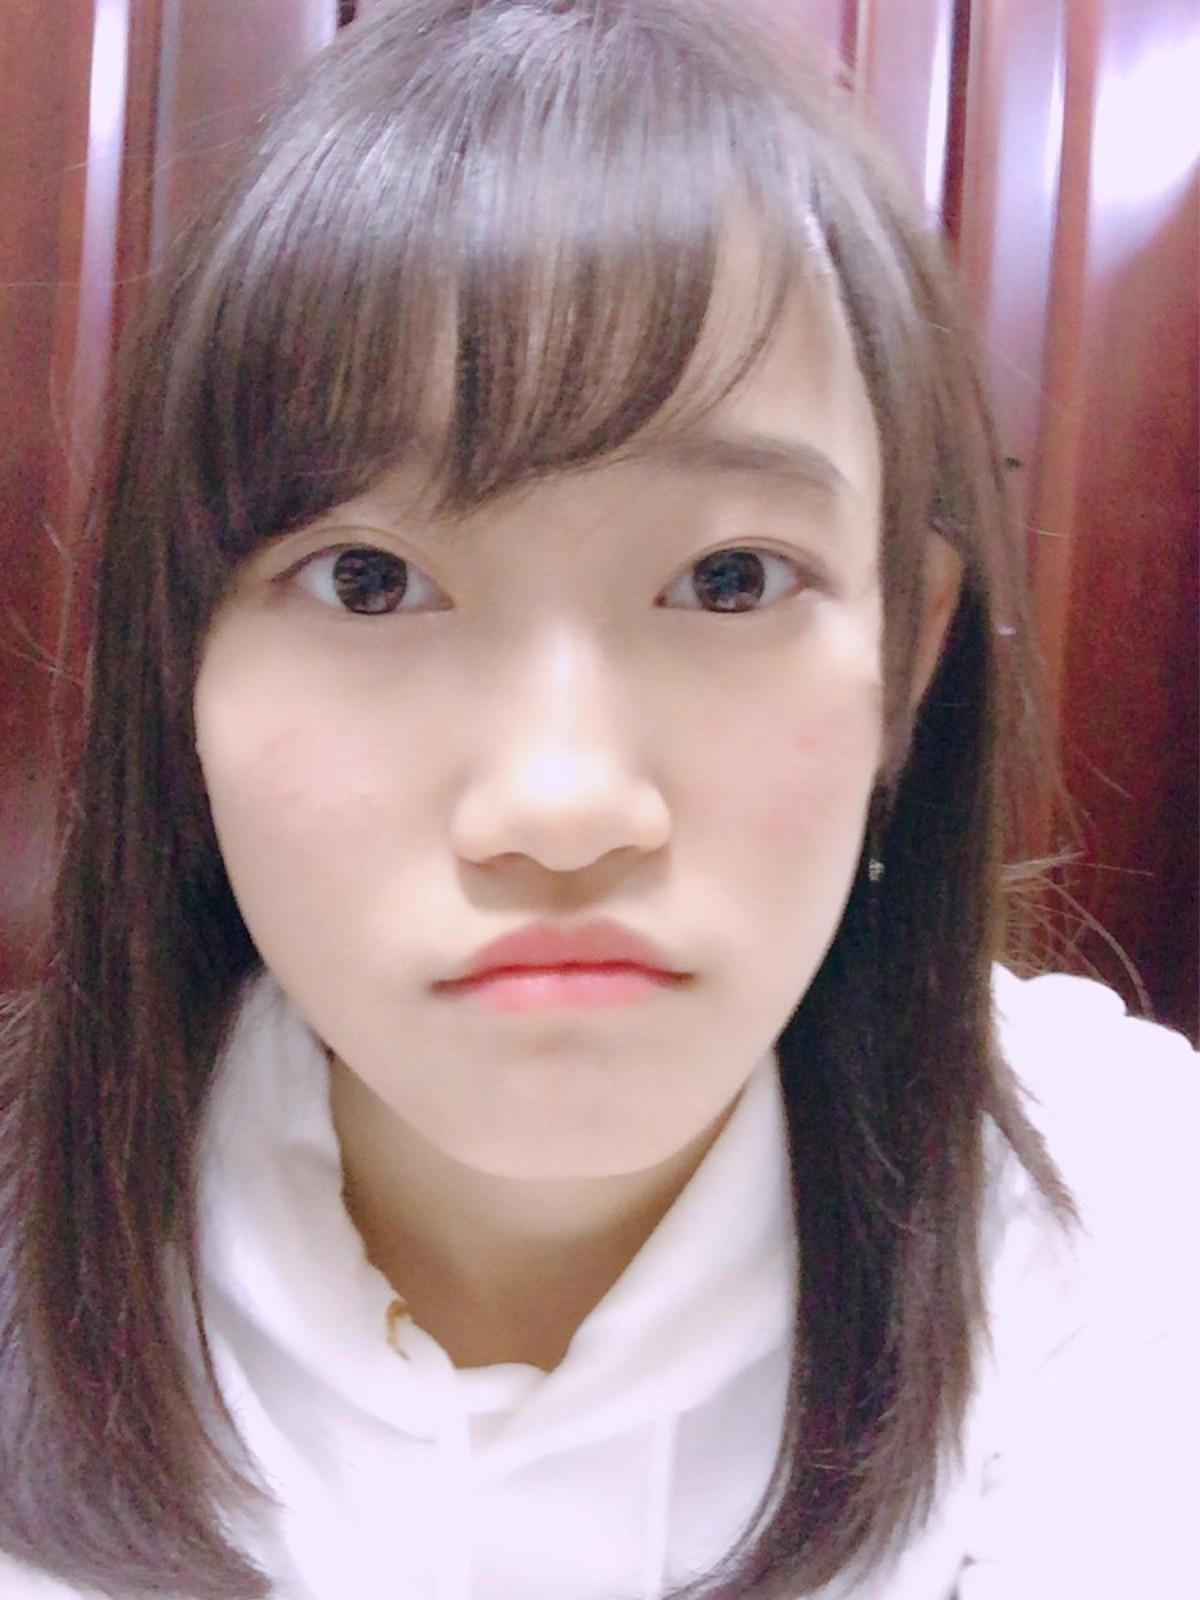 遥香 大学 黒須 AKB黒須遥香が浪人しても国立大学合格にこだわった理由: orange